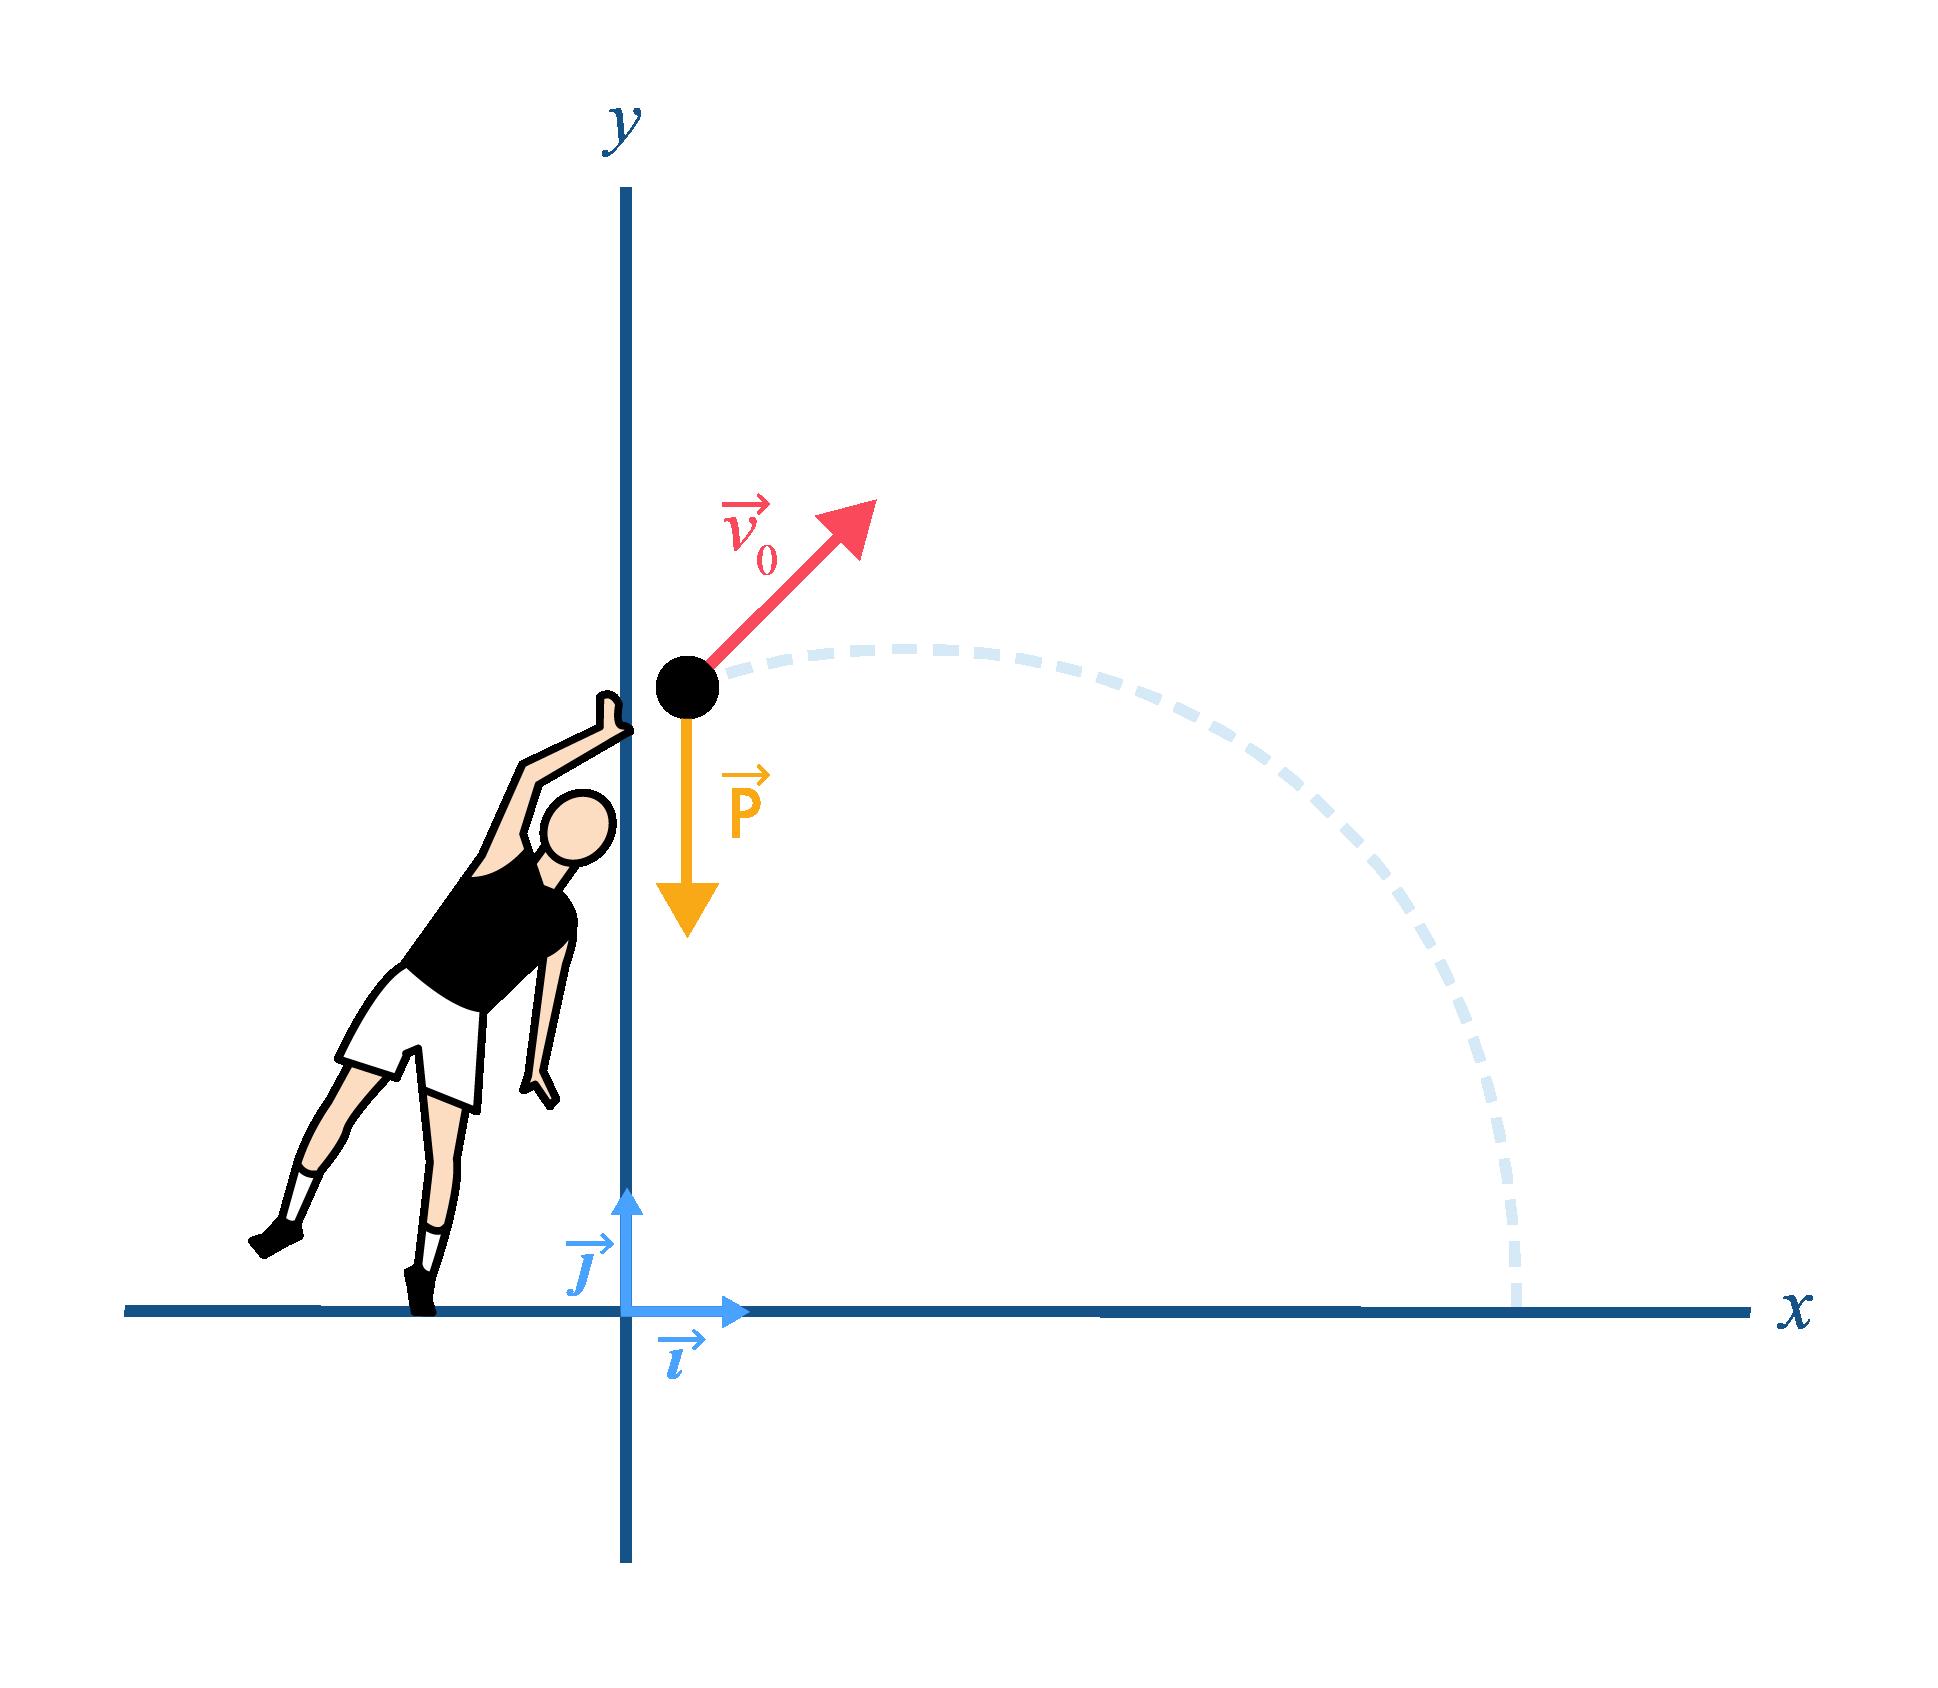 Système lors d'un lancer de poids